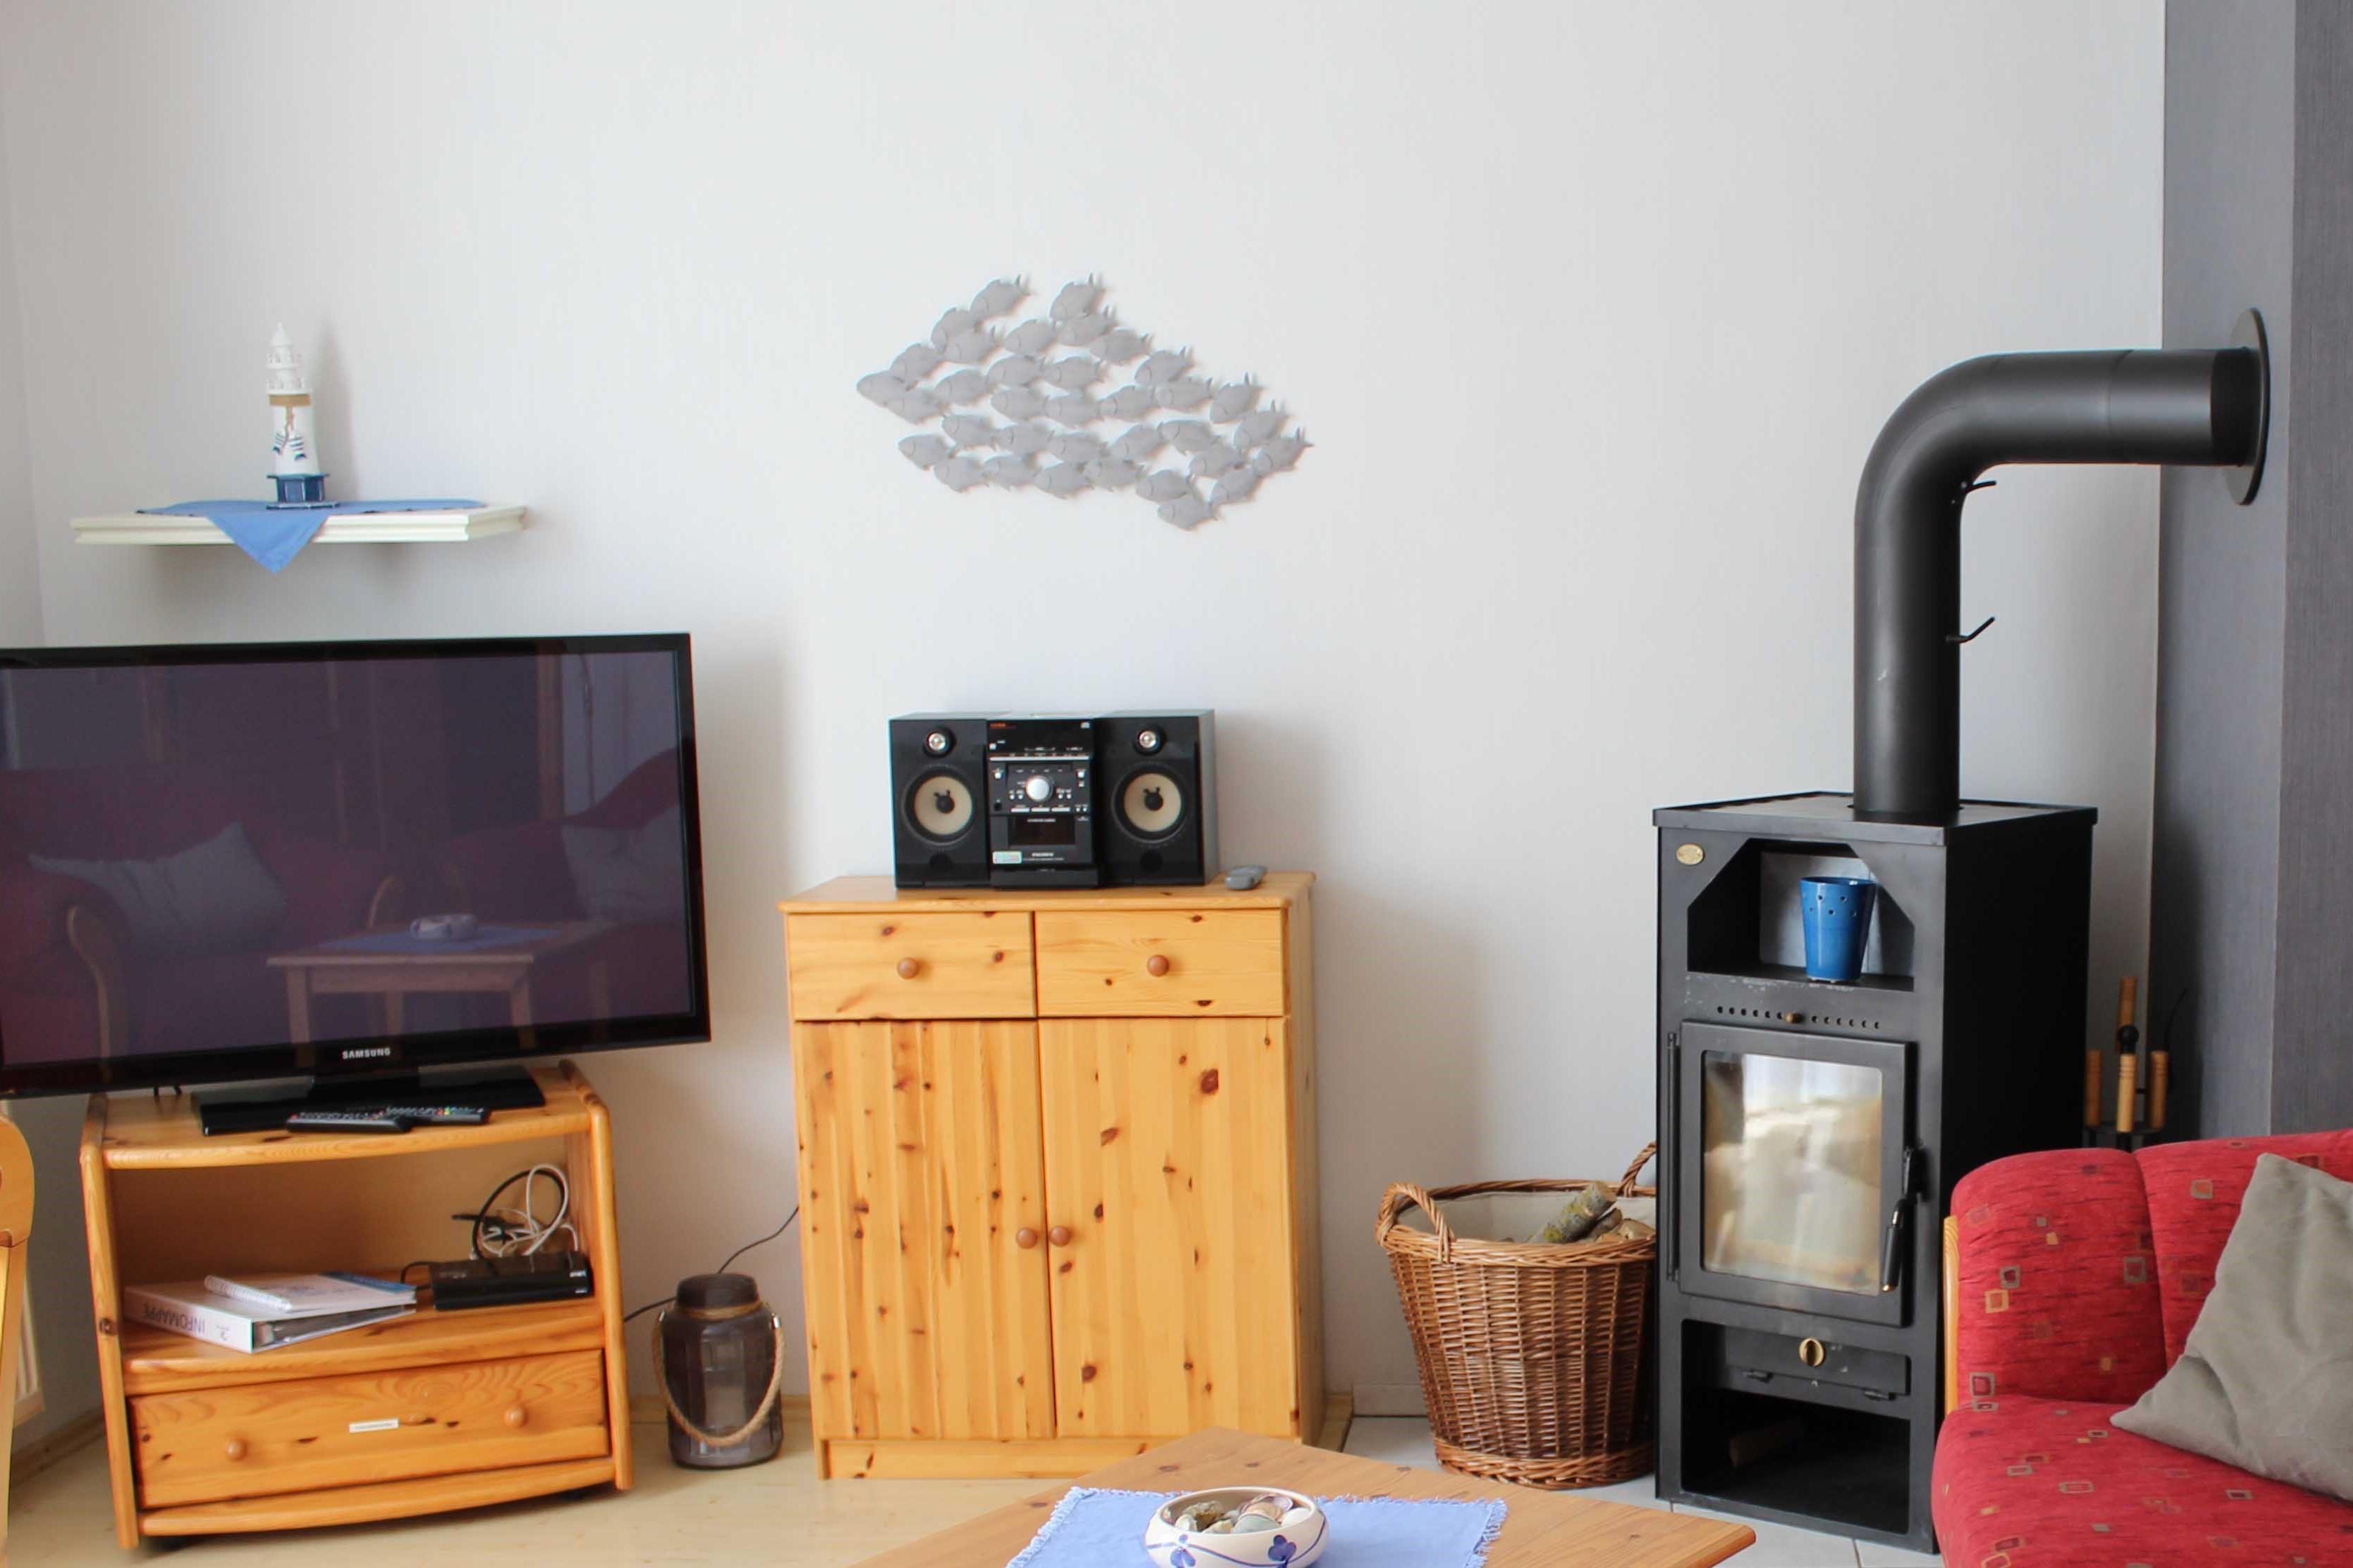 Wohnzimmer_42Zoll_TV_web